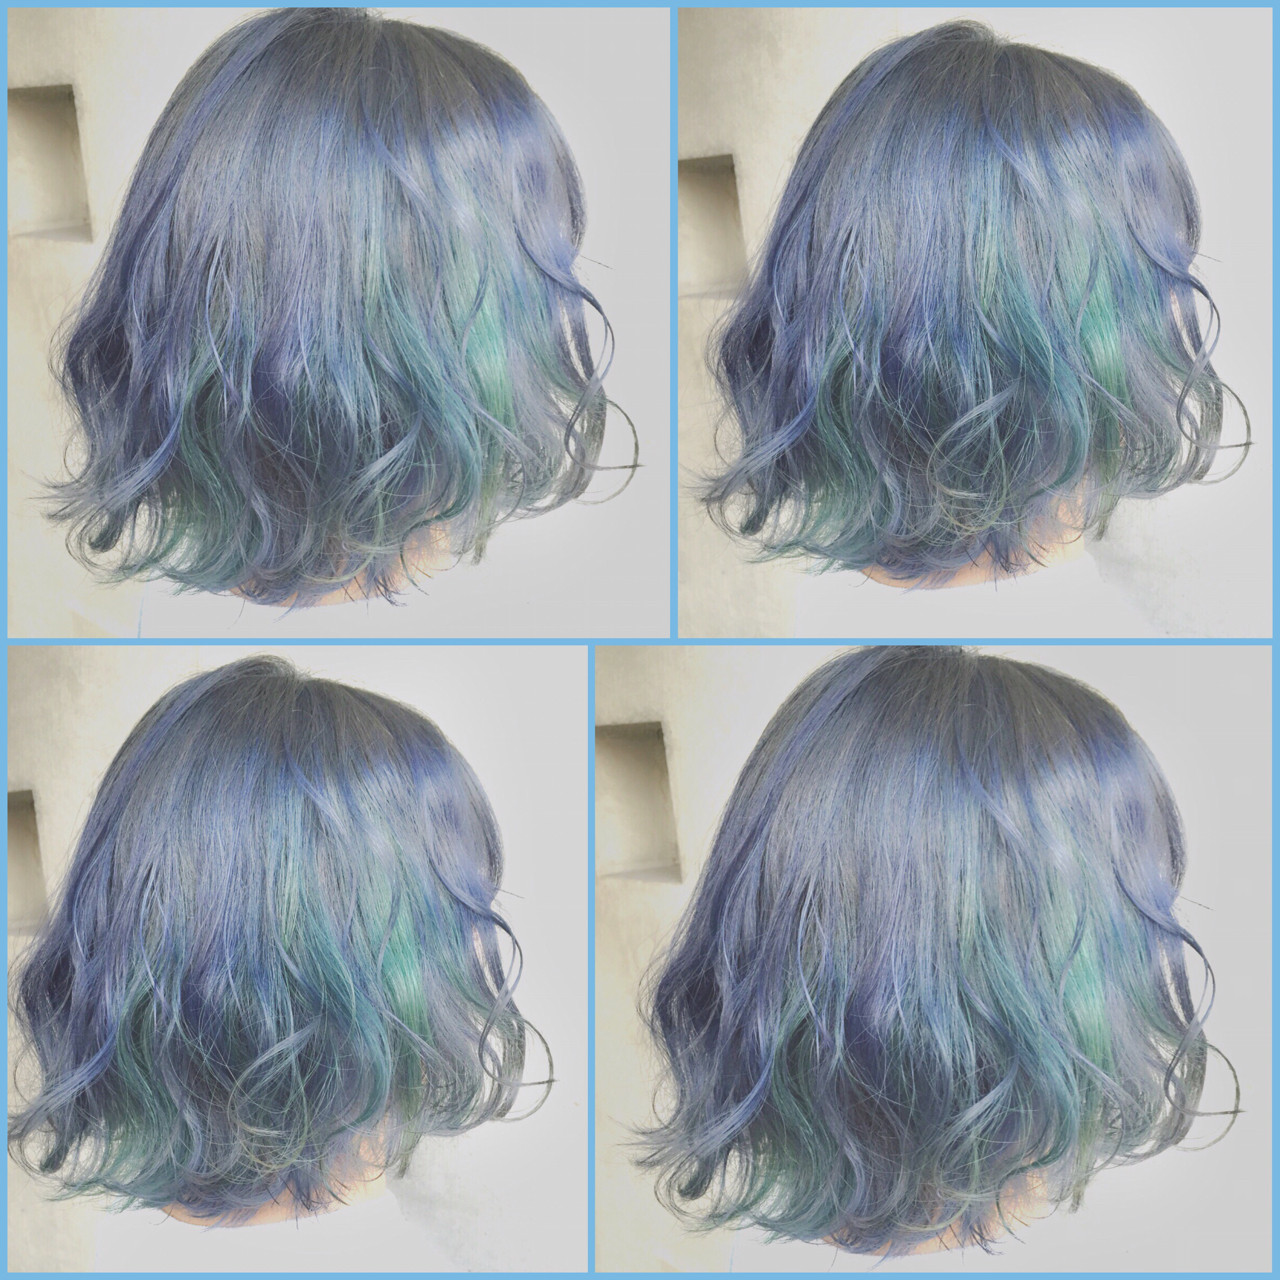 ゆるふわ 暗髪 ボブ ガーリー ヘアスタイルや髪型の写真・画像 | MOTAI / Wille / Wille